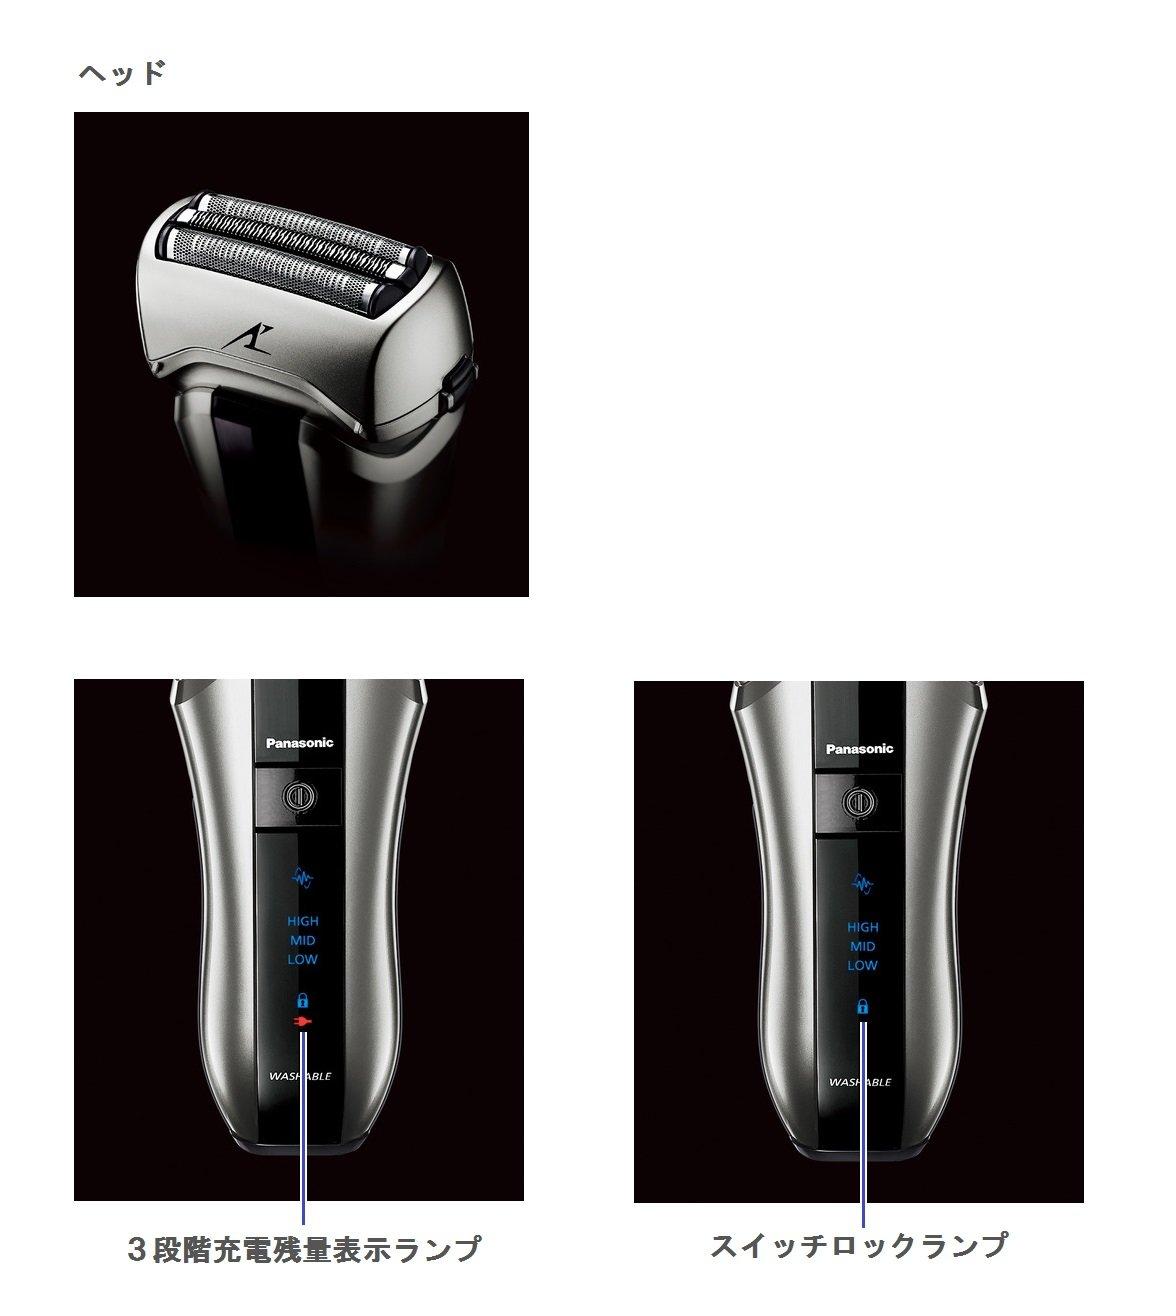 嘉頓國際 國際牌 PANASONIC 日本製【ES-CT20】刮鬍刀 電鬍刀 三段電量顯示 三刀片 感測鬍鬚的深度 國際電壓 5